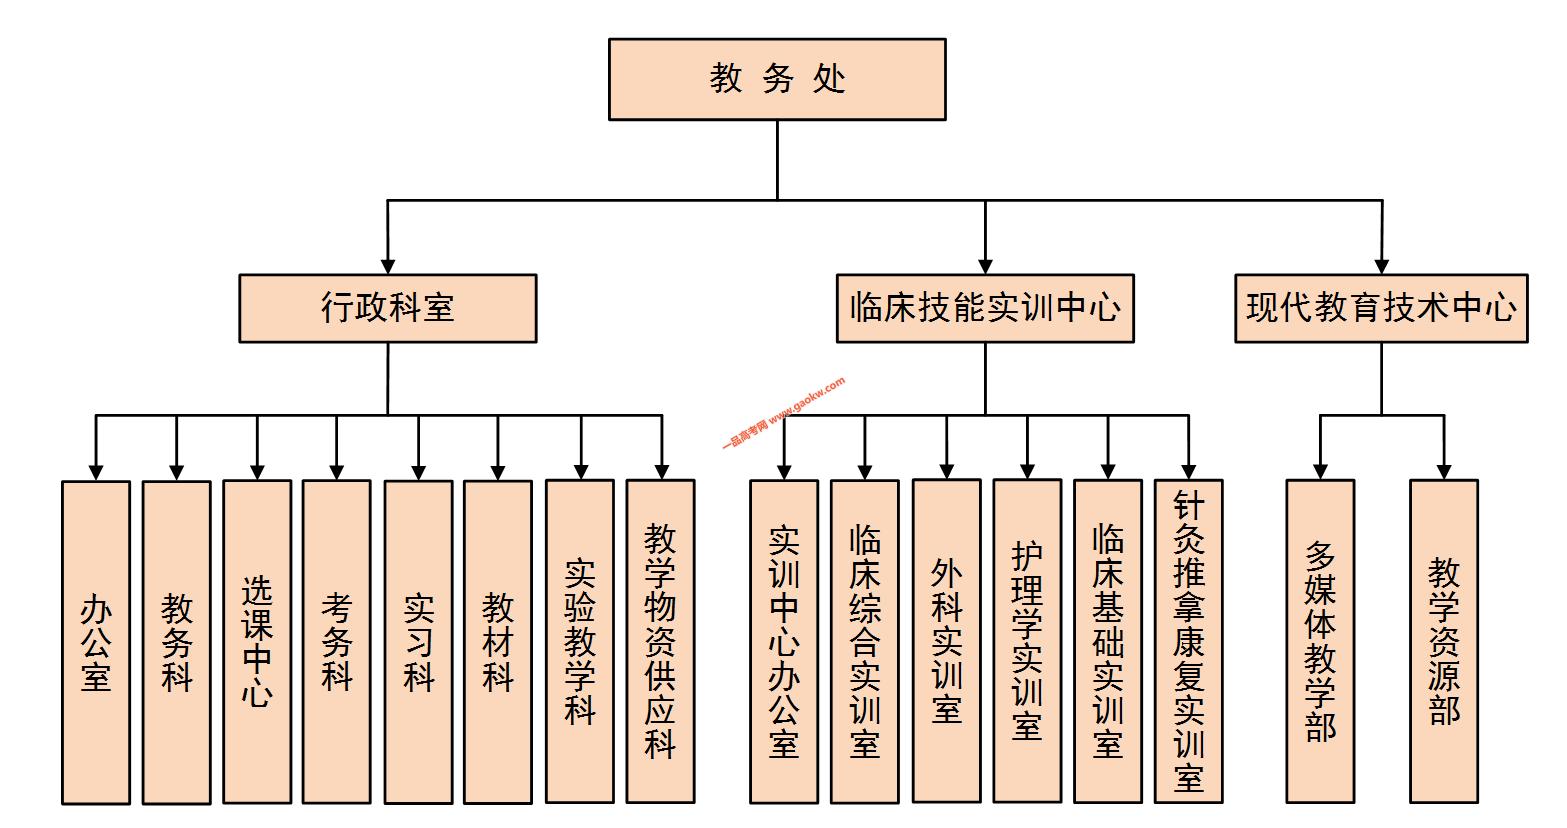 河南中医药大学教务处,教务管理系统